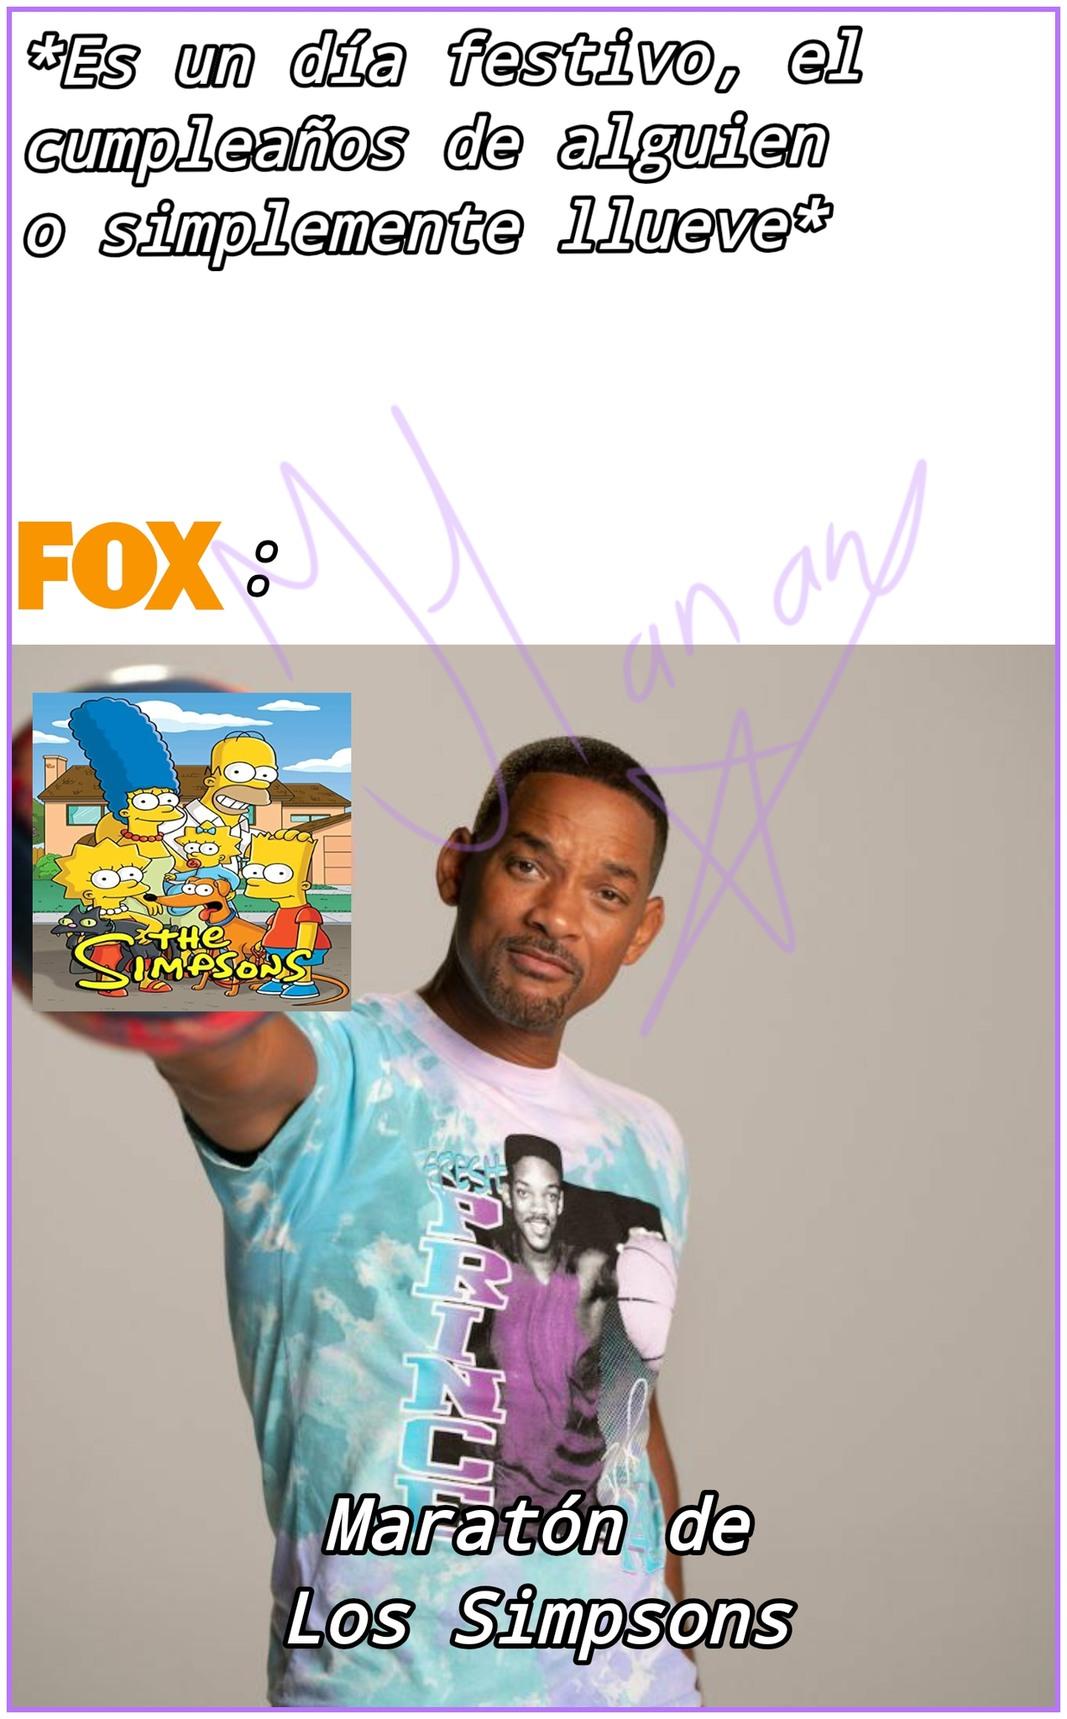 Maratón de Los Simpsons - meme